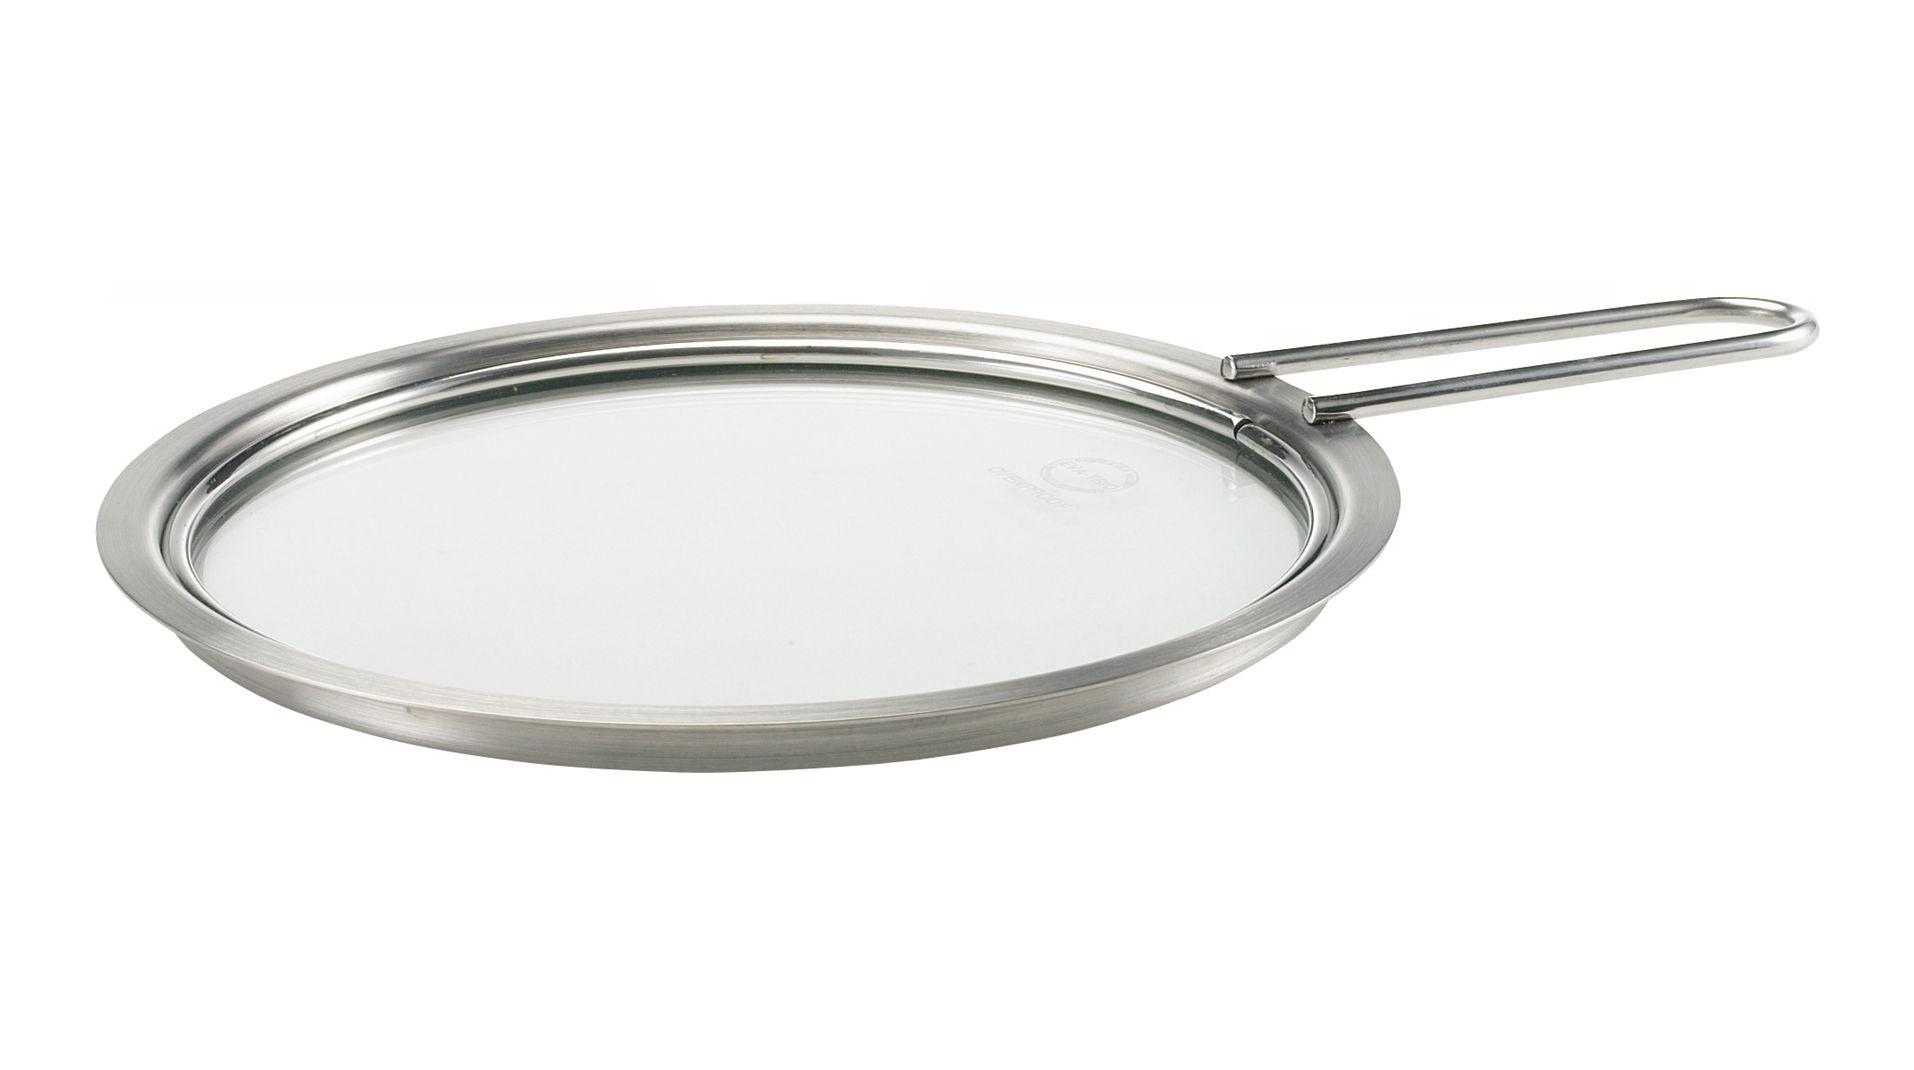 Cucina - Pentole, Padelle e Casseruole - Coperchio - Ø 16 cm - Con manico di Eva Trio - Cromato - Acciaio inossidabile